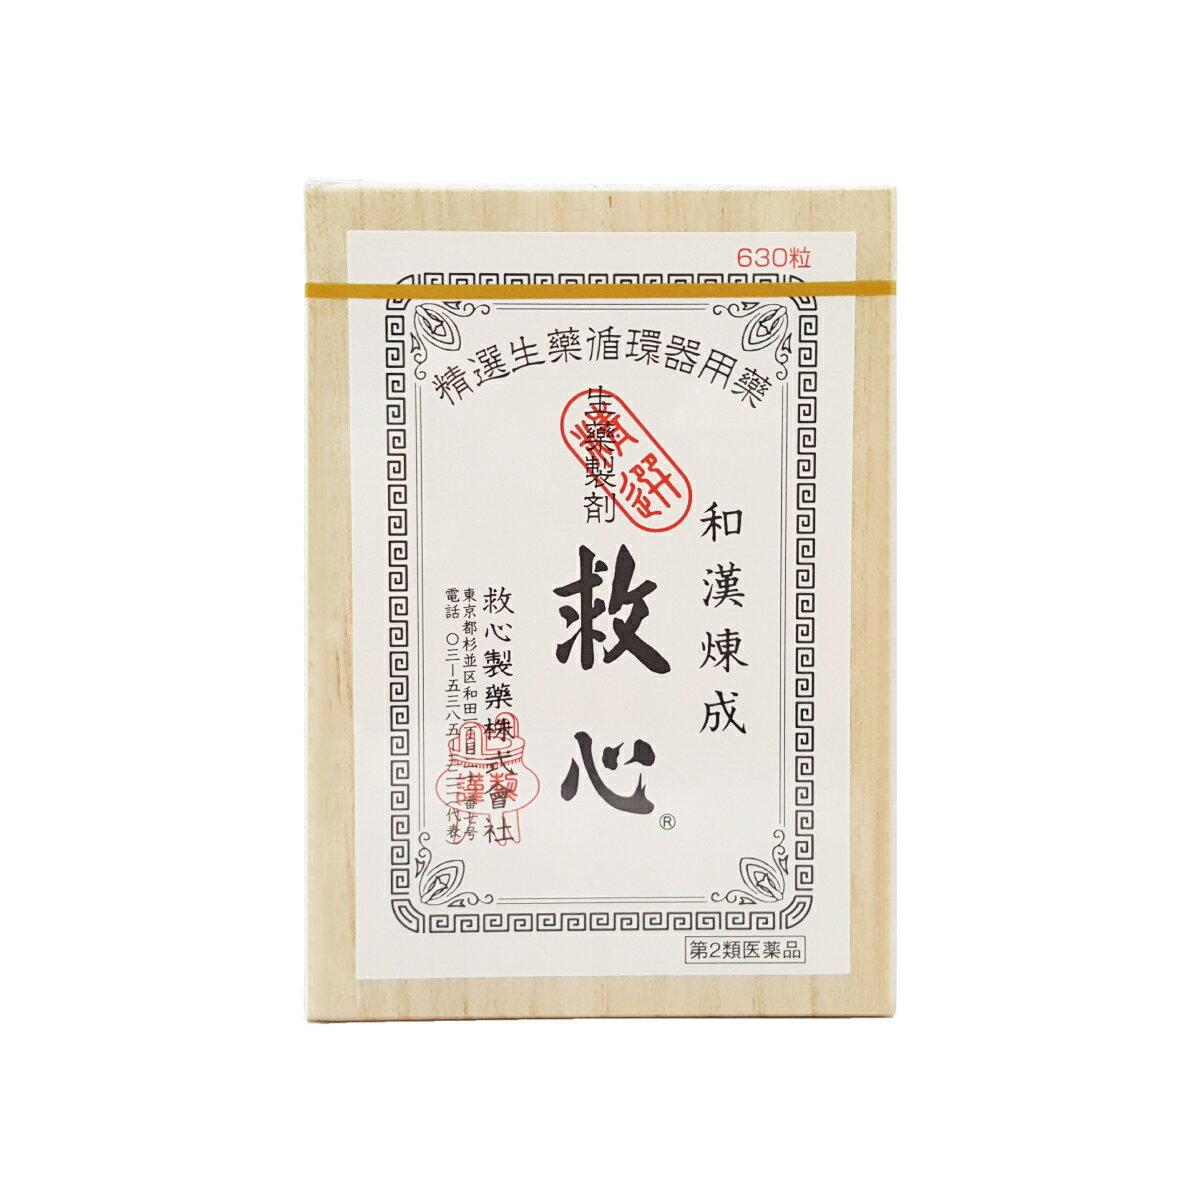 【第2類医薬品】 救心 630錠 救心製薬